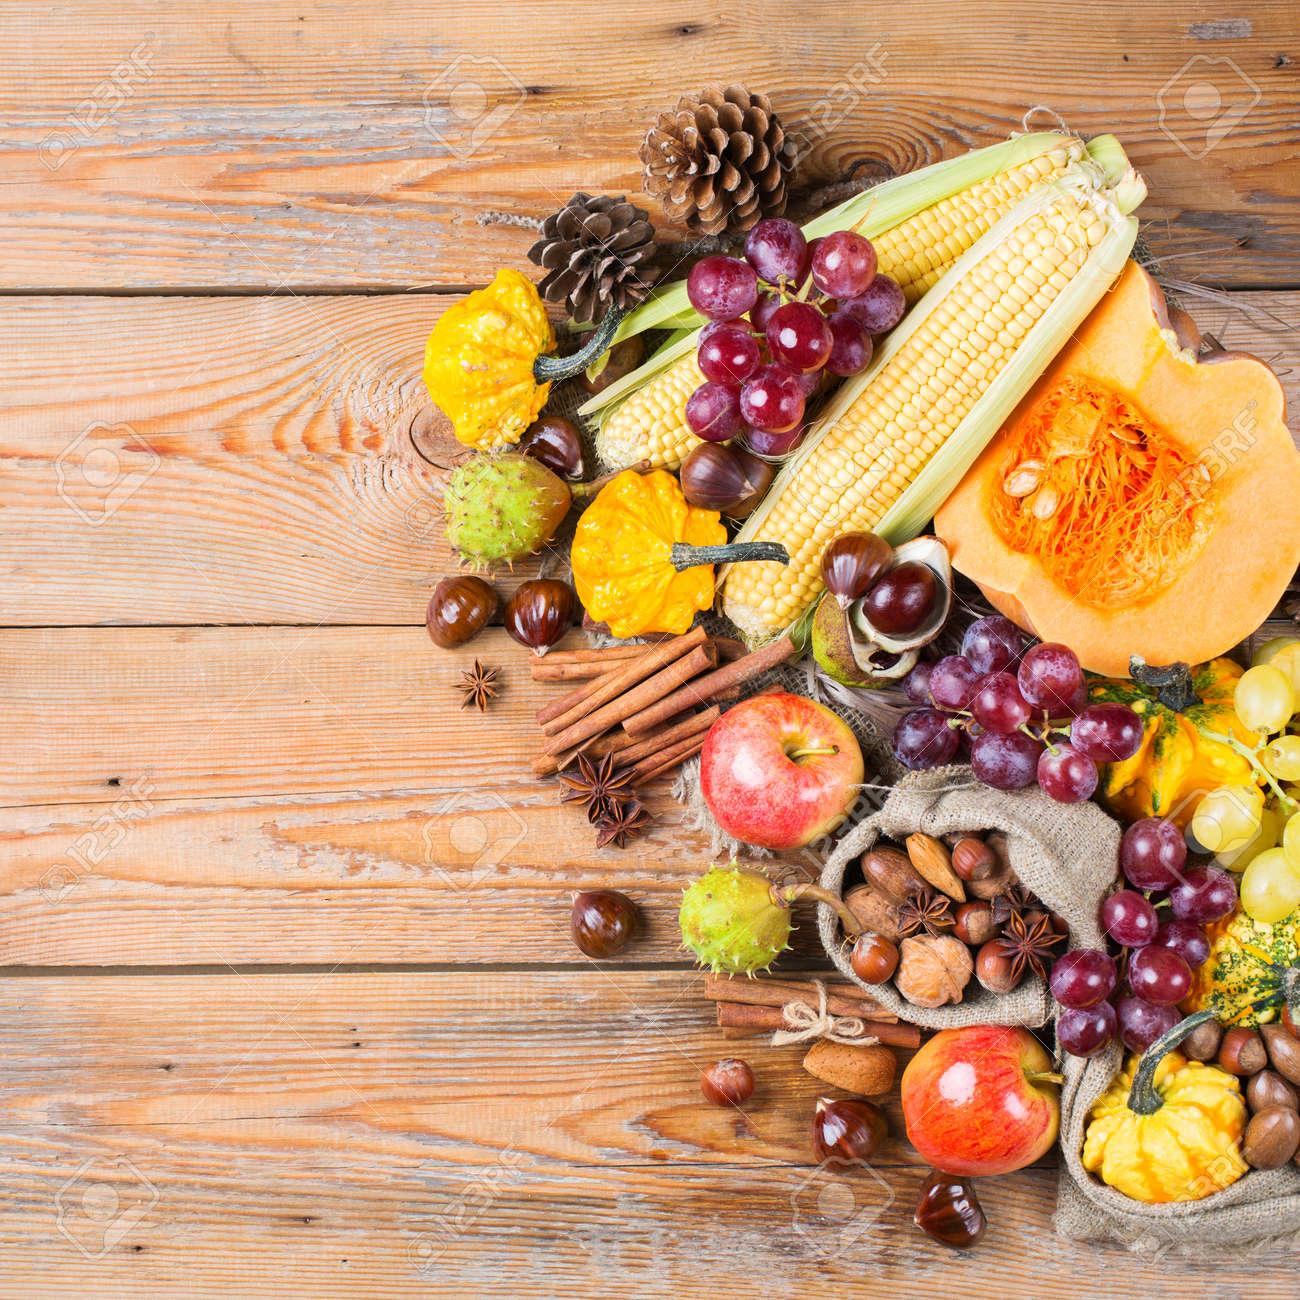 Herbst Herbst Ernte Konzept Kurbisapfelkastanienkornnusstrauben